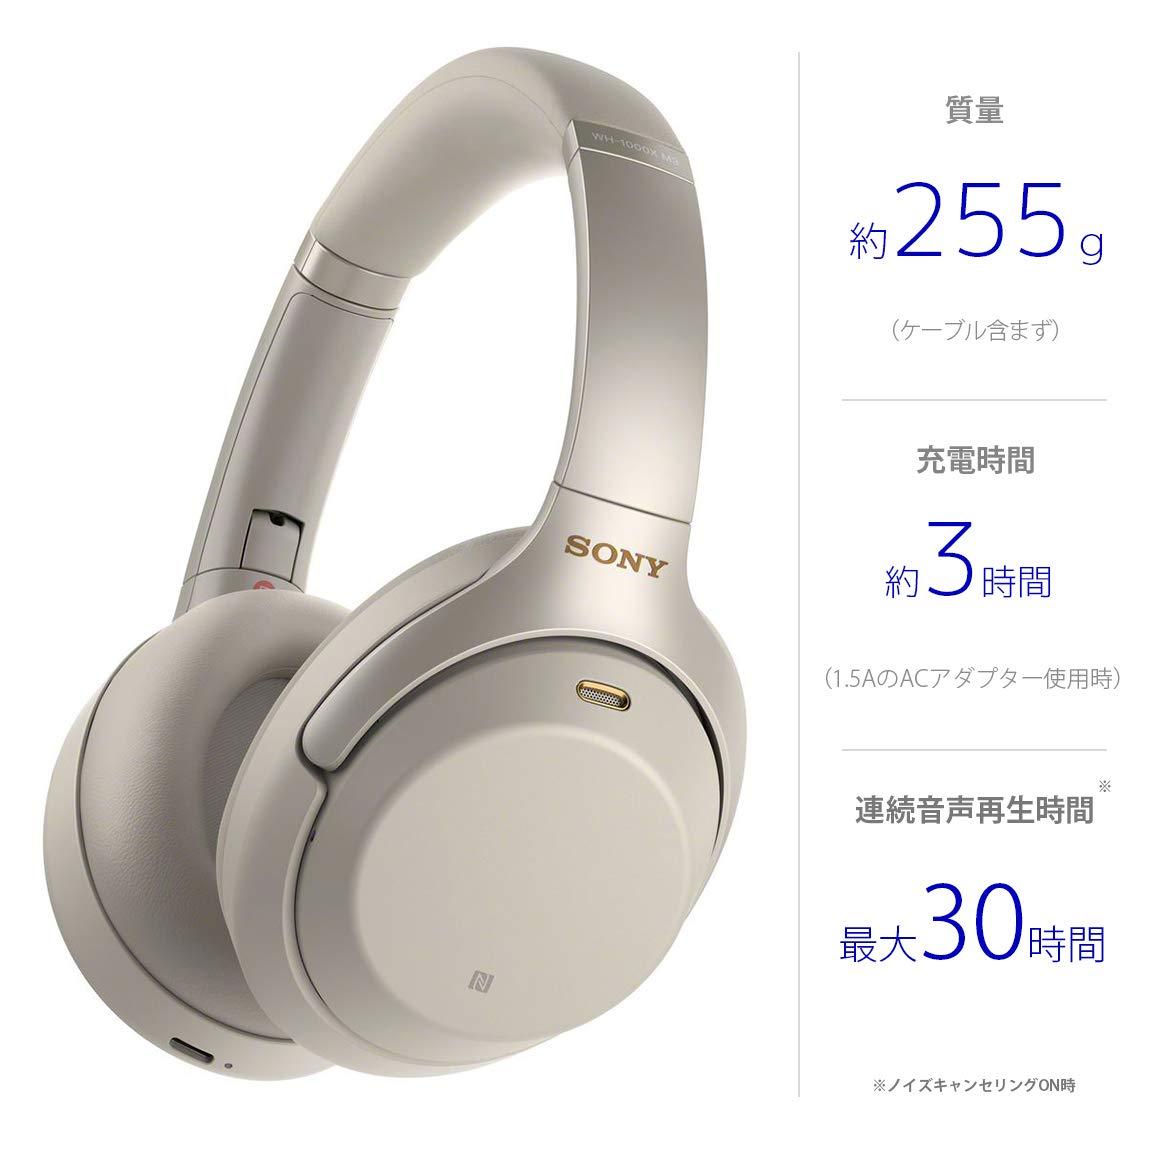 ソニー SONY ワイヤレスノイズキャンセリングヘッドホン WH-1000XM3 S : LDAC/Bluetooth/ハイレゾ プラチナシルバー